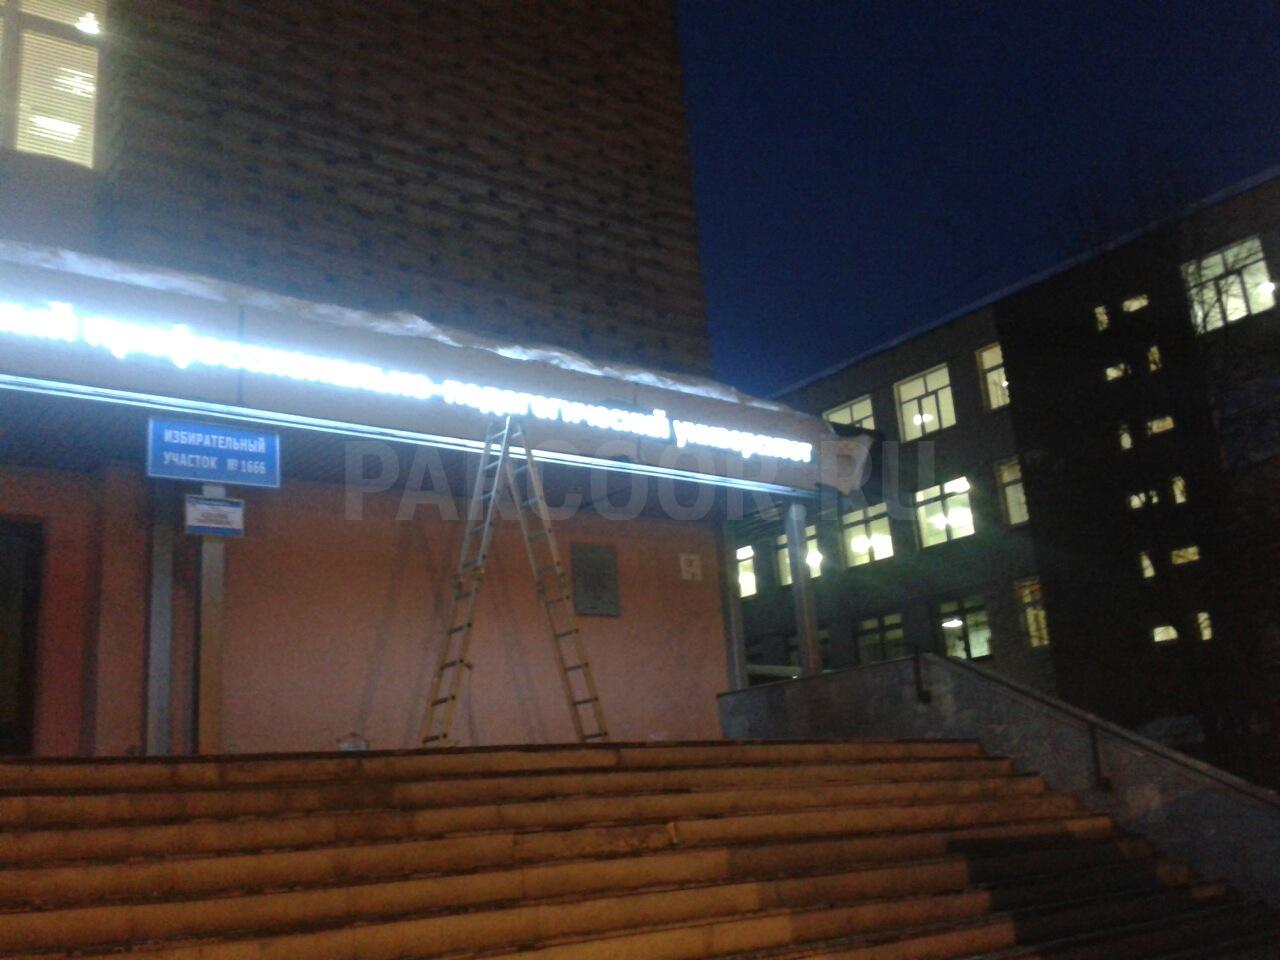 Вывеска (трафаретная фрезеровка на просвет) РГППУ в Екатеринбурге